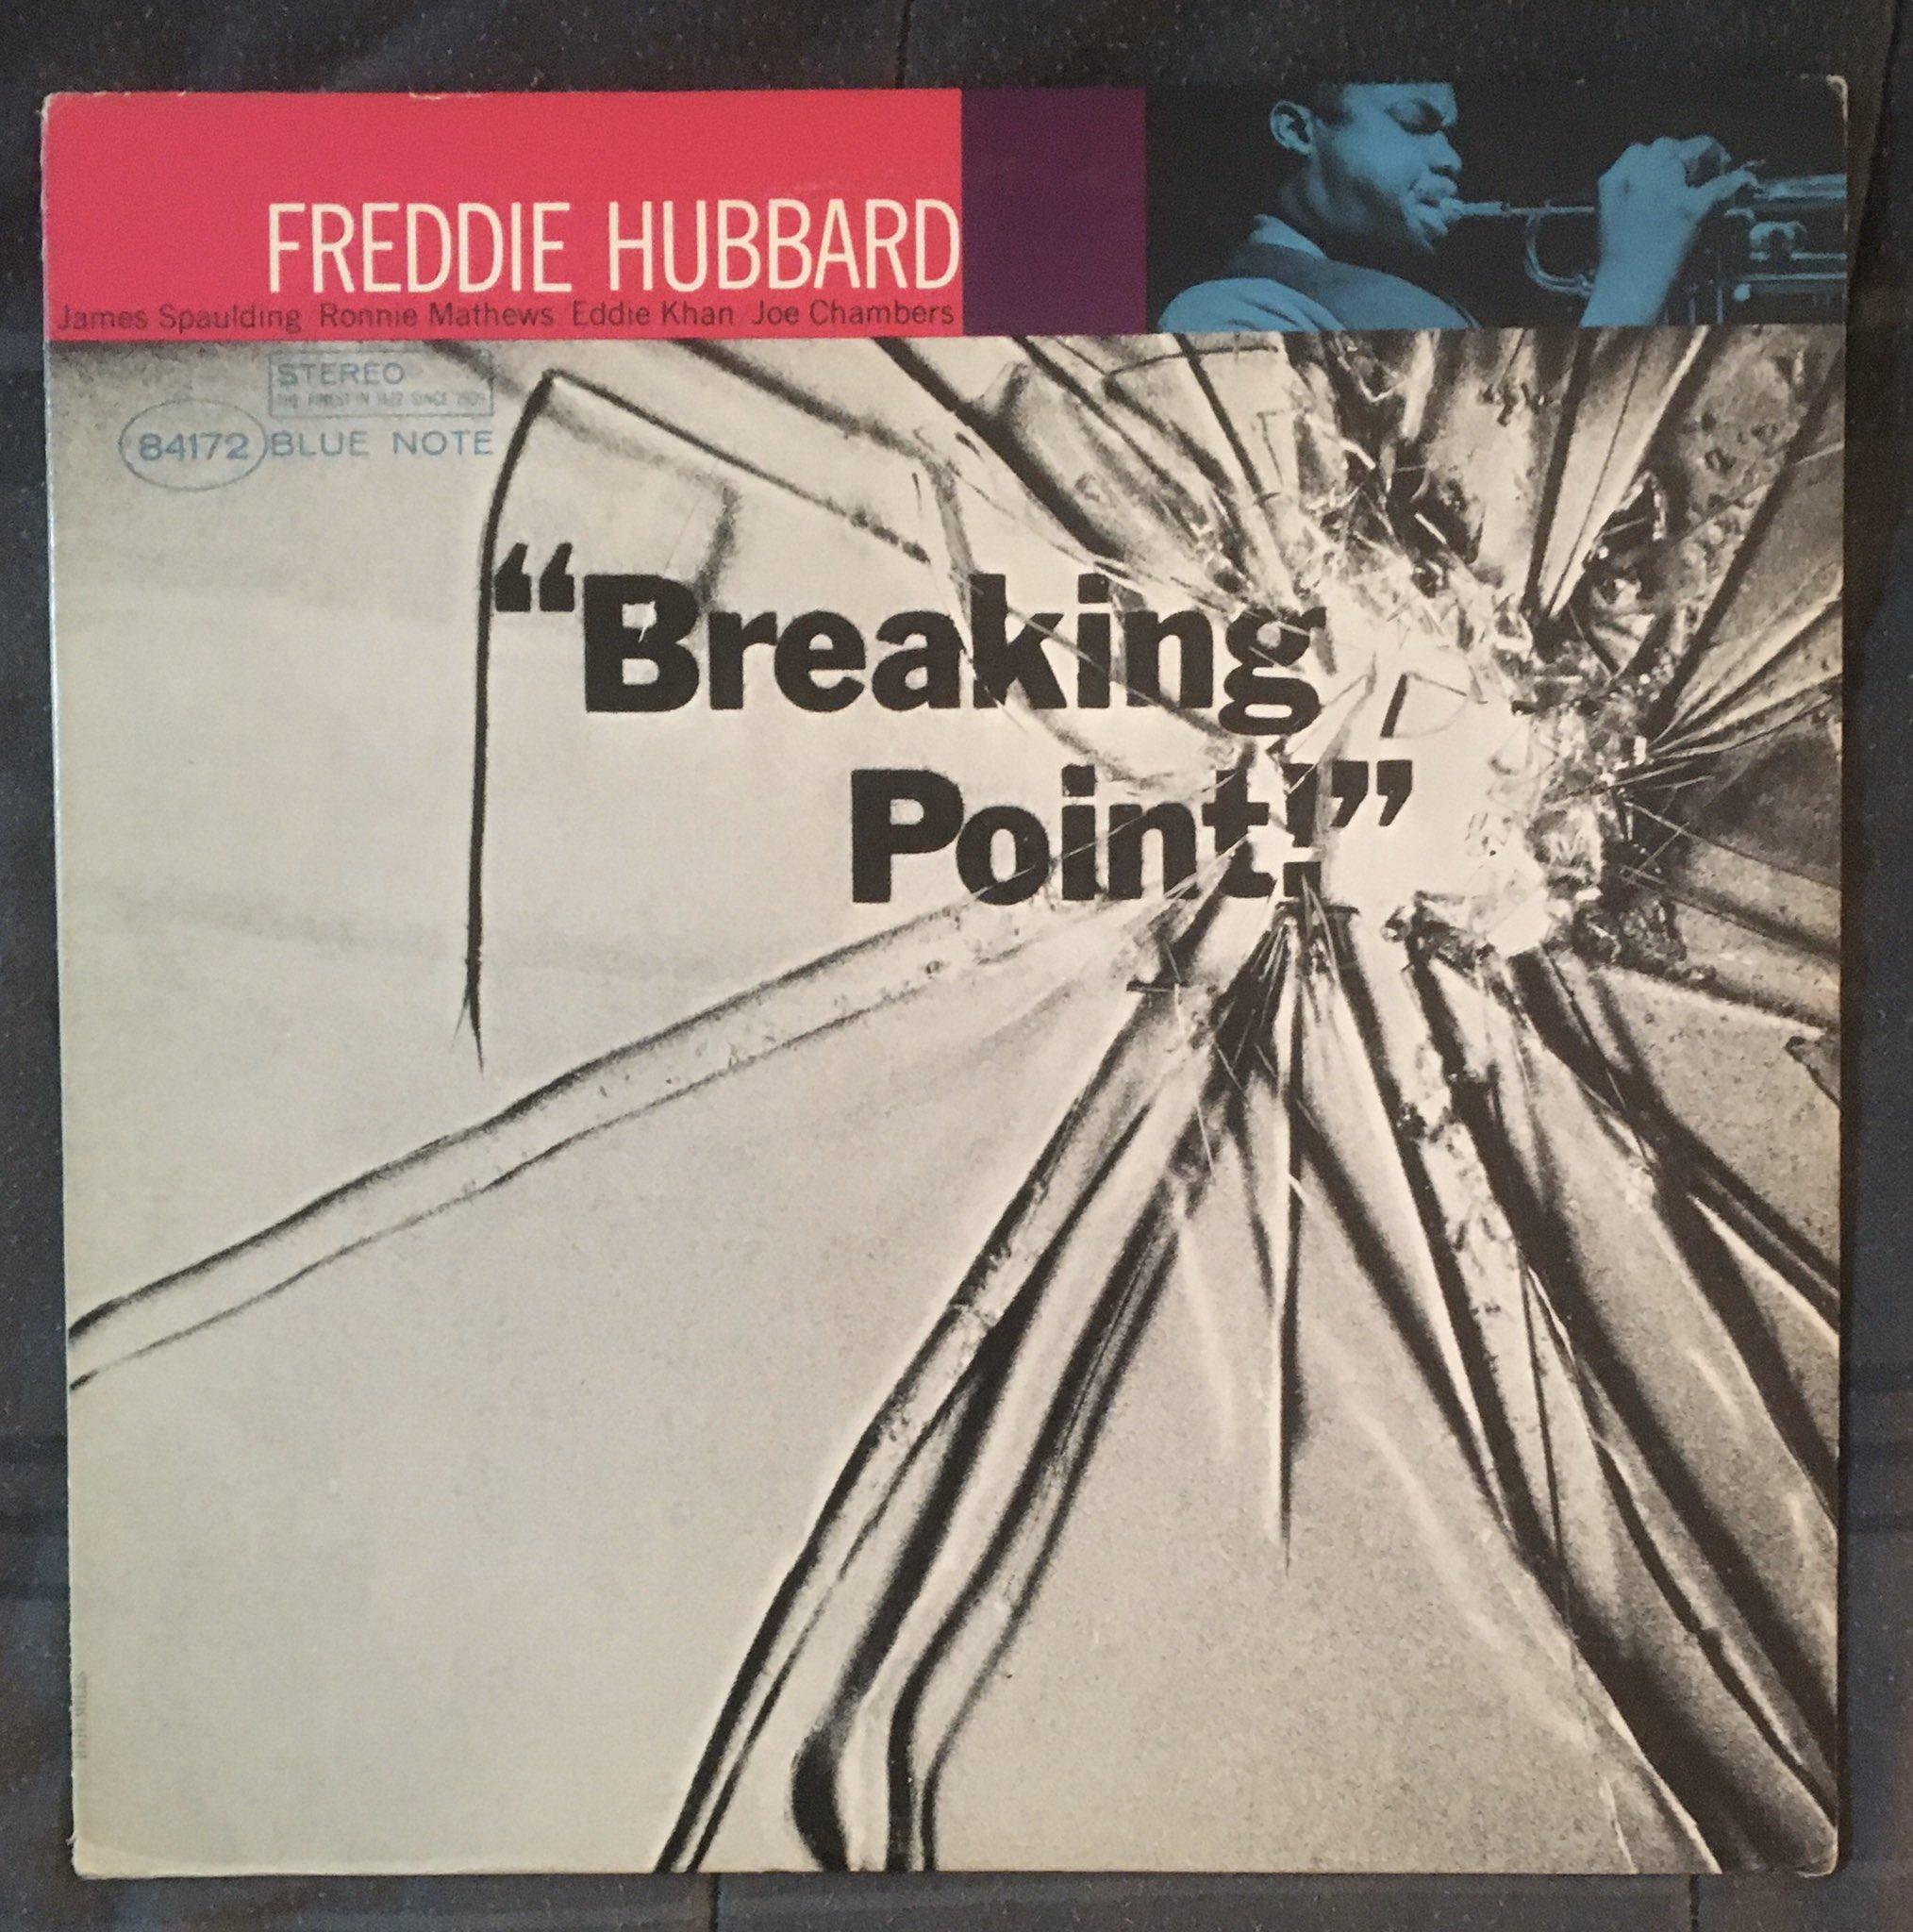 Happy birthday to Freddie Hubbard.